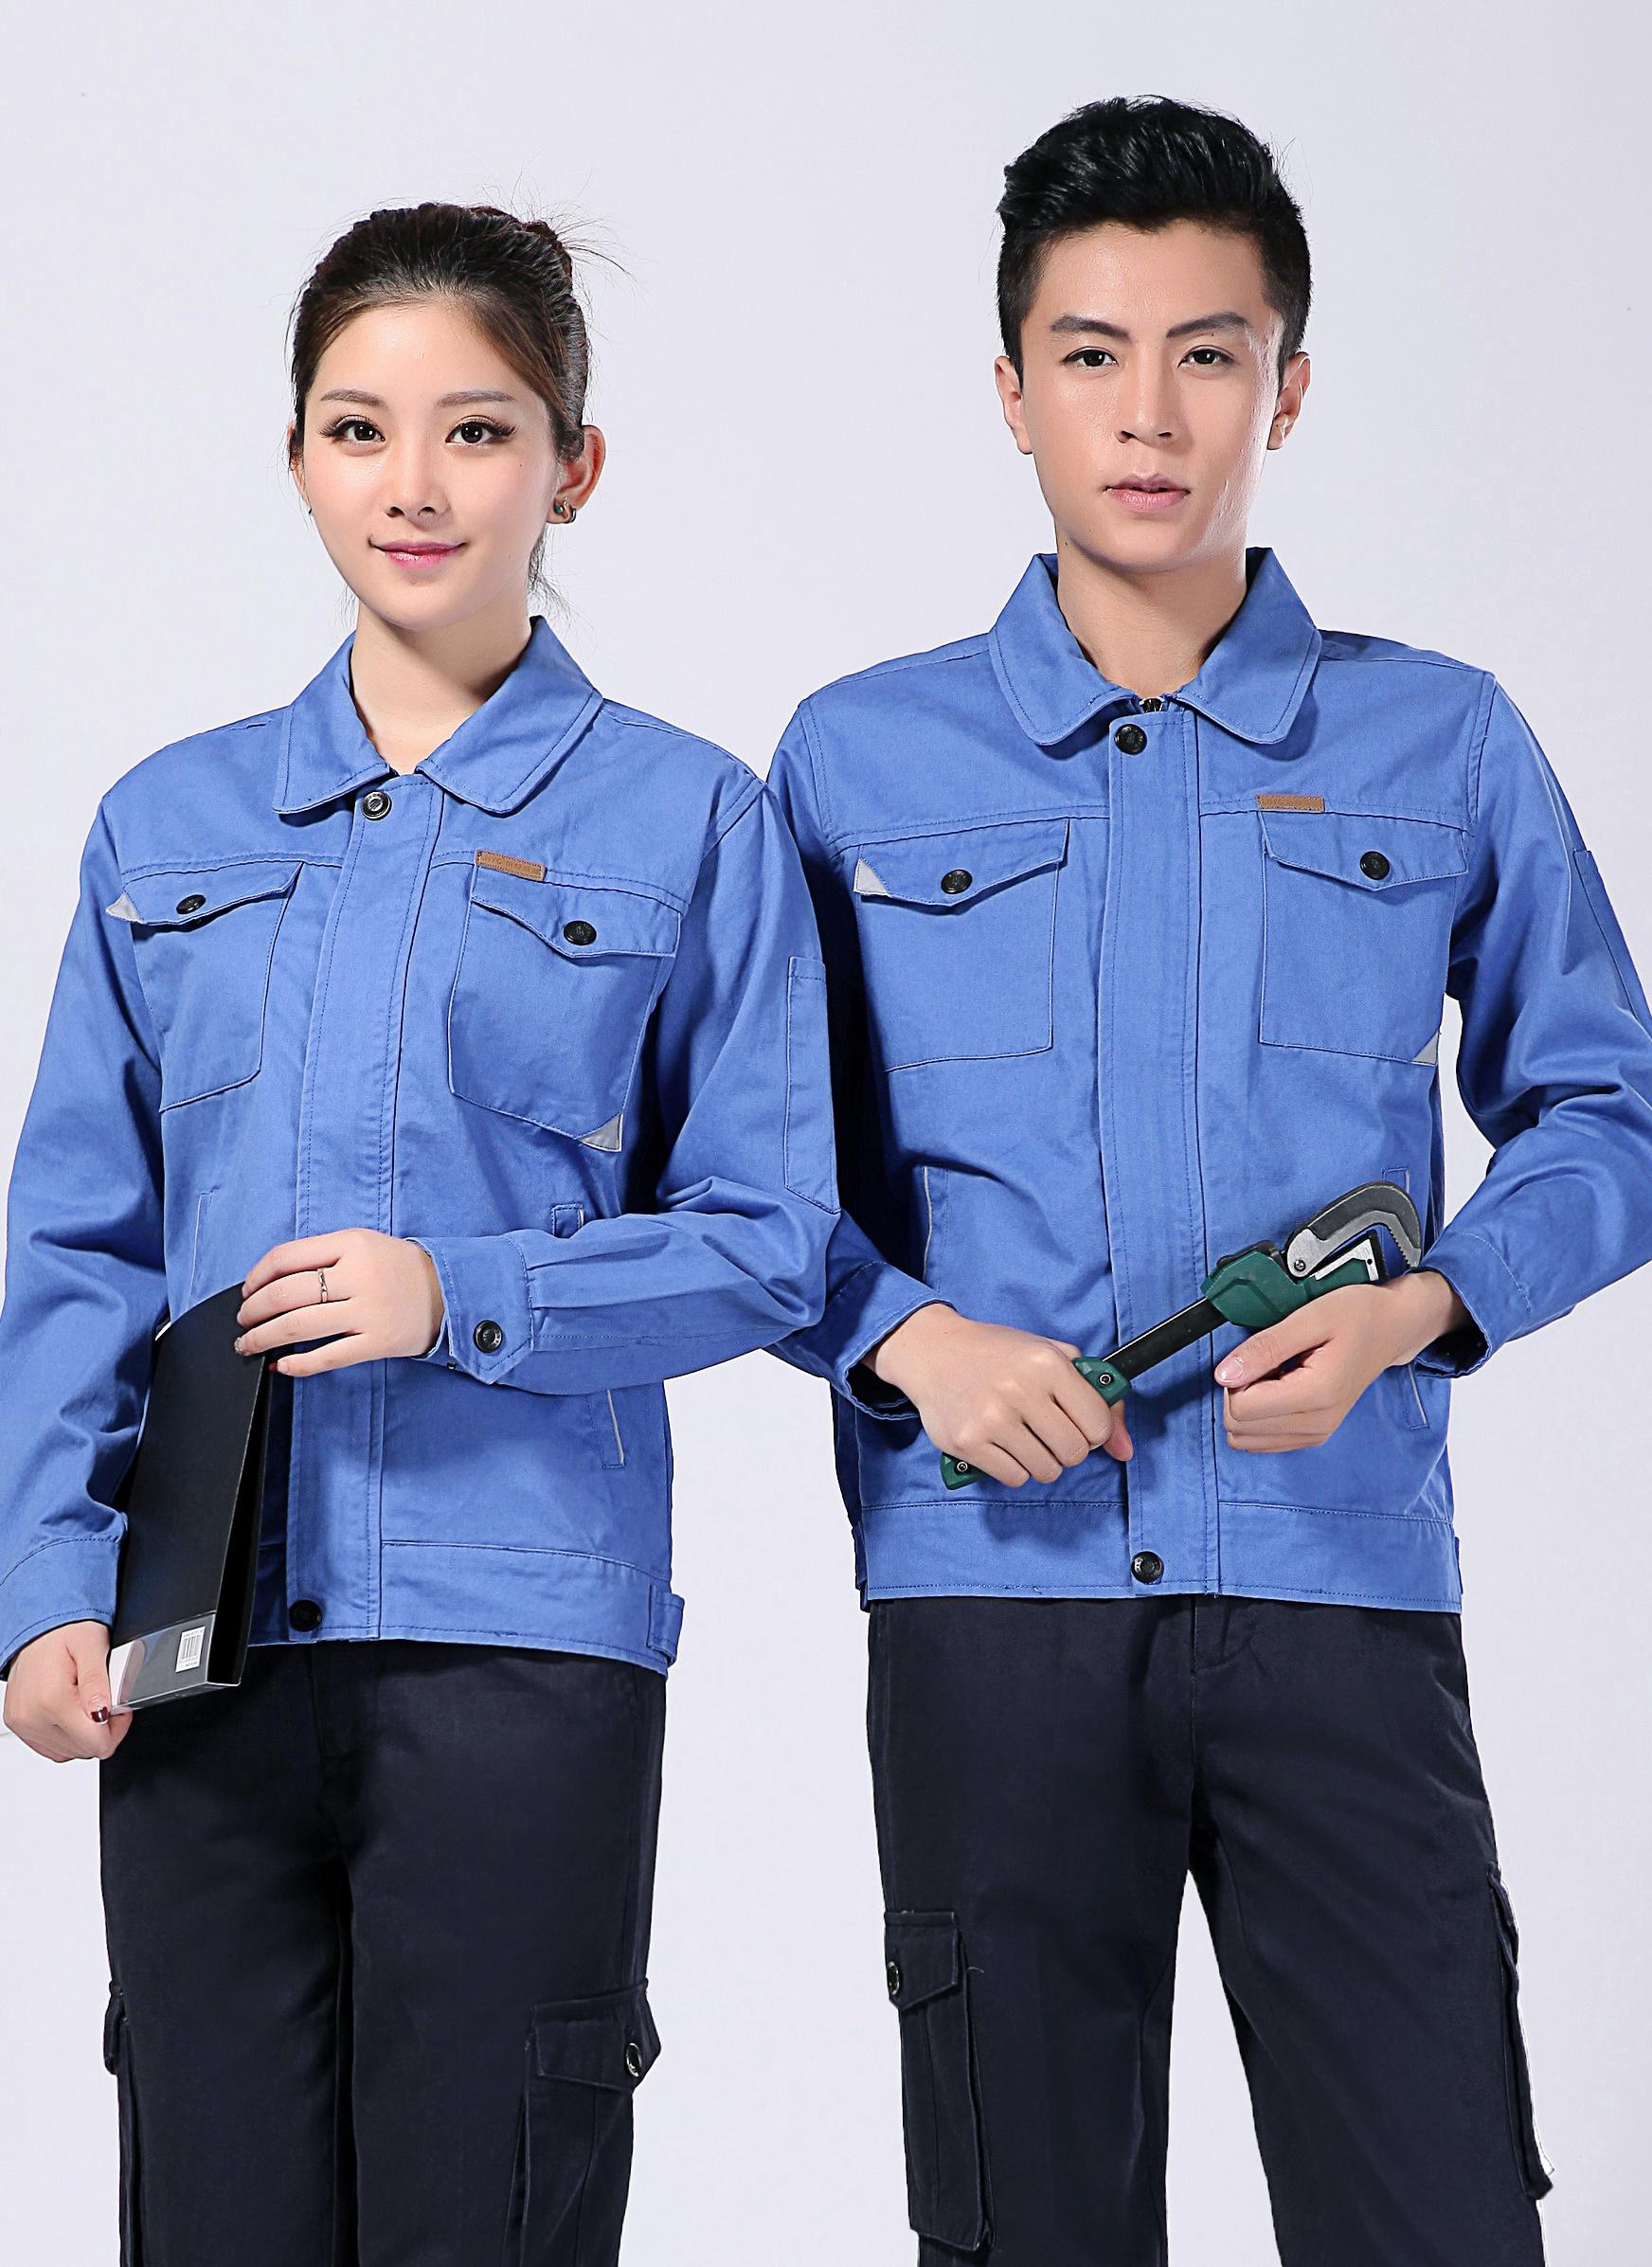 2021新款100%棉春秋季工作服男女长袖包边包缝工装 - 001A - 乐好英超